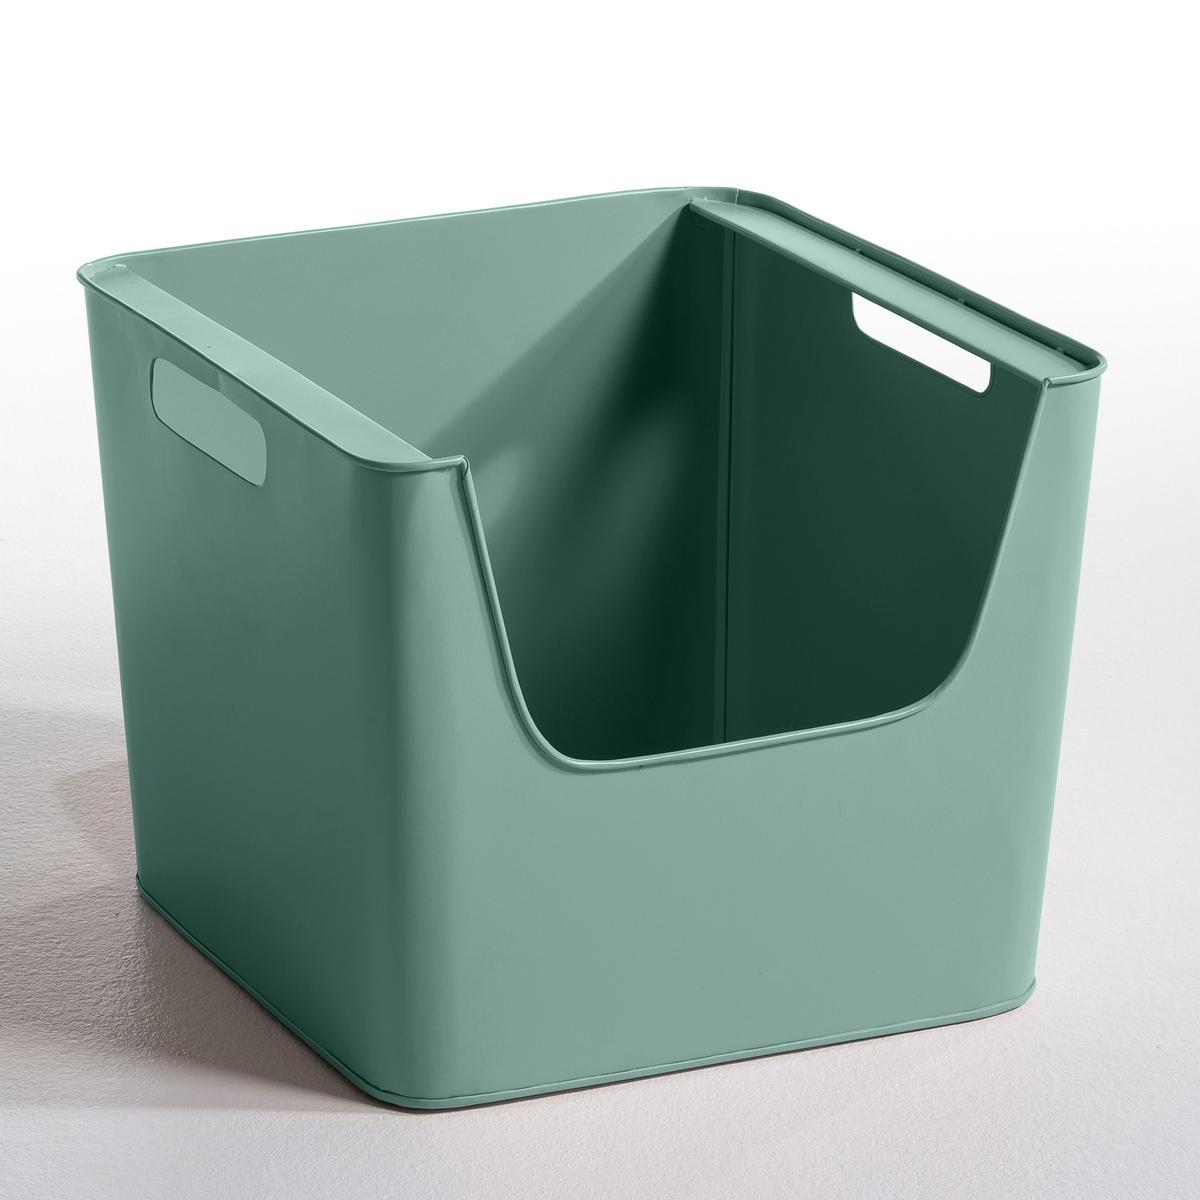 Ящик металлический Д37 x В31,5 см Arreglo деревянный ящик ящик покрытия держатель ткани ретро ткань дело для салфеток